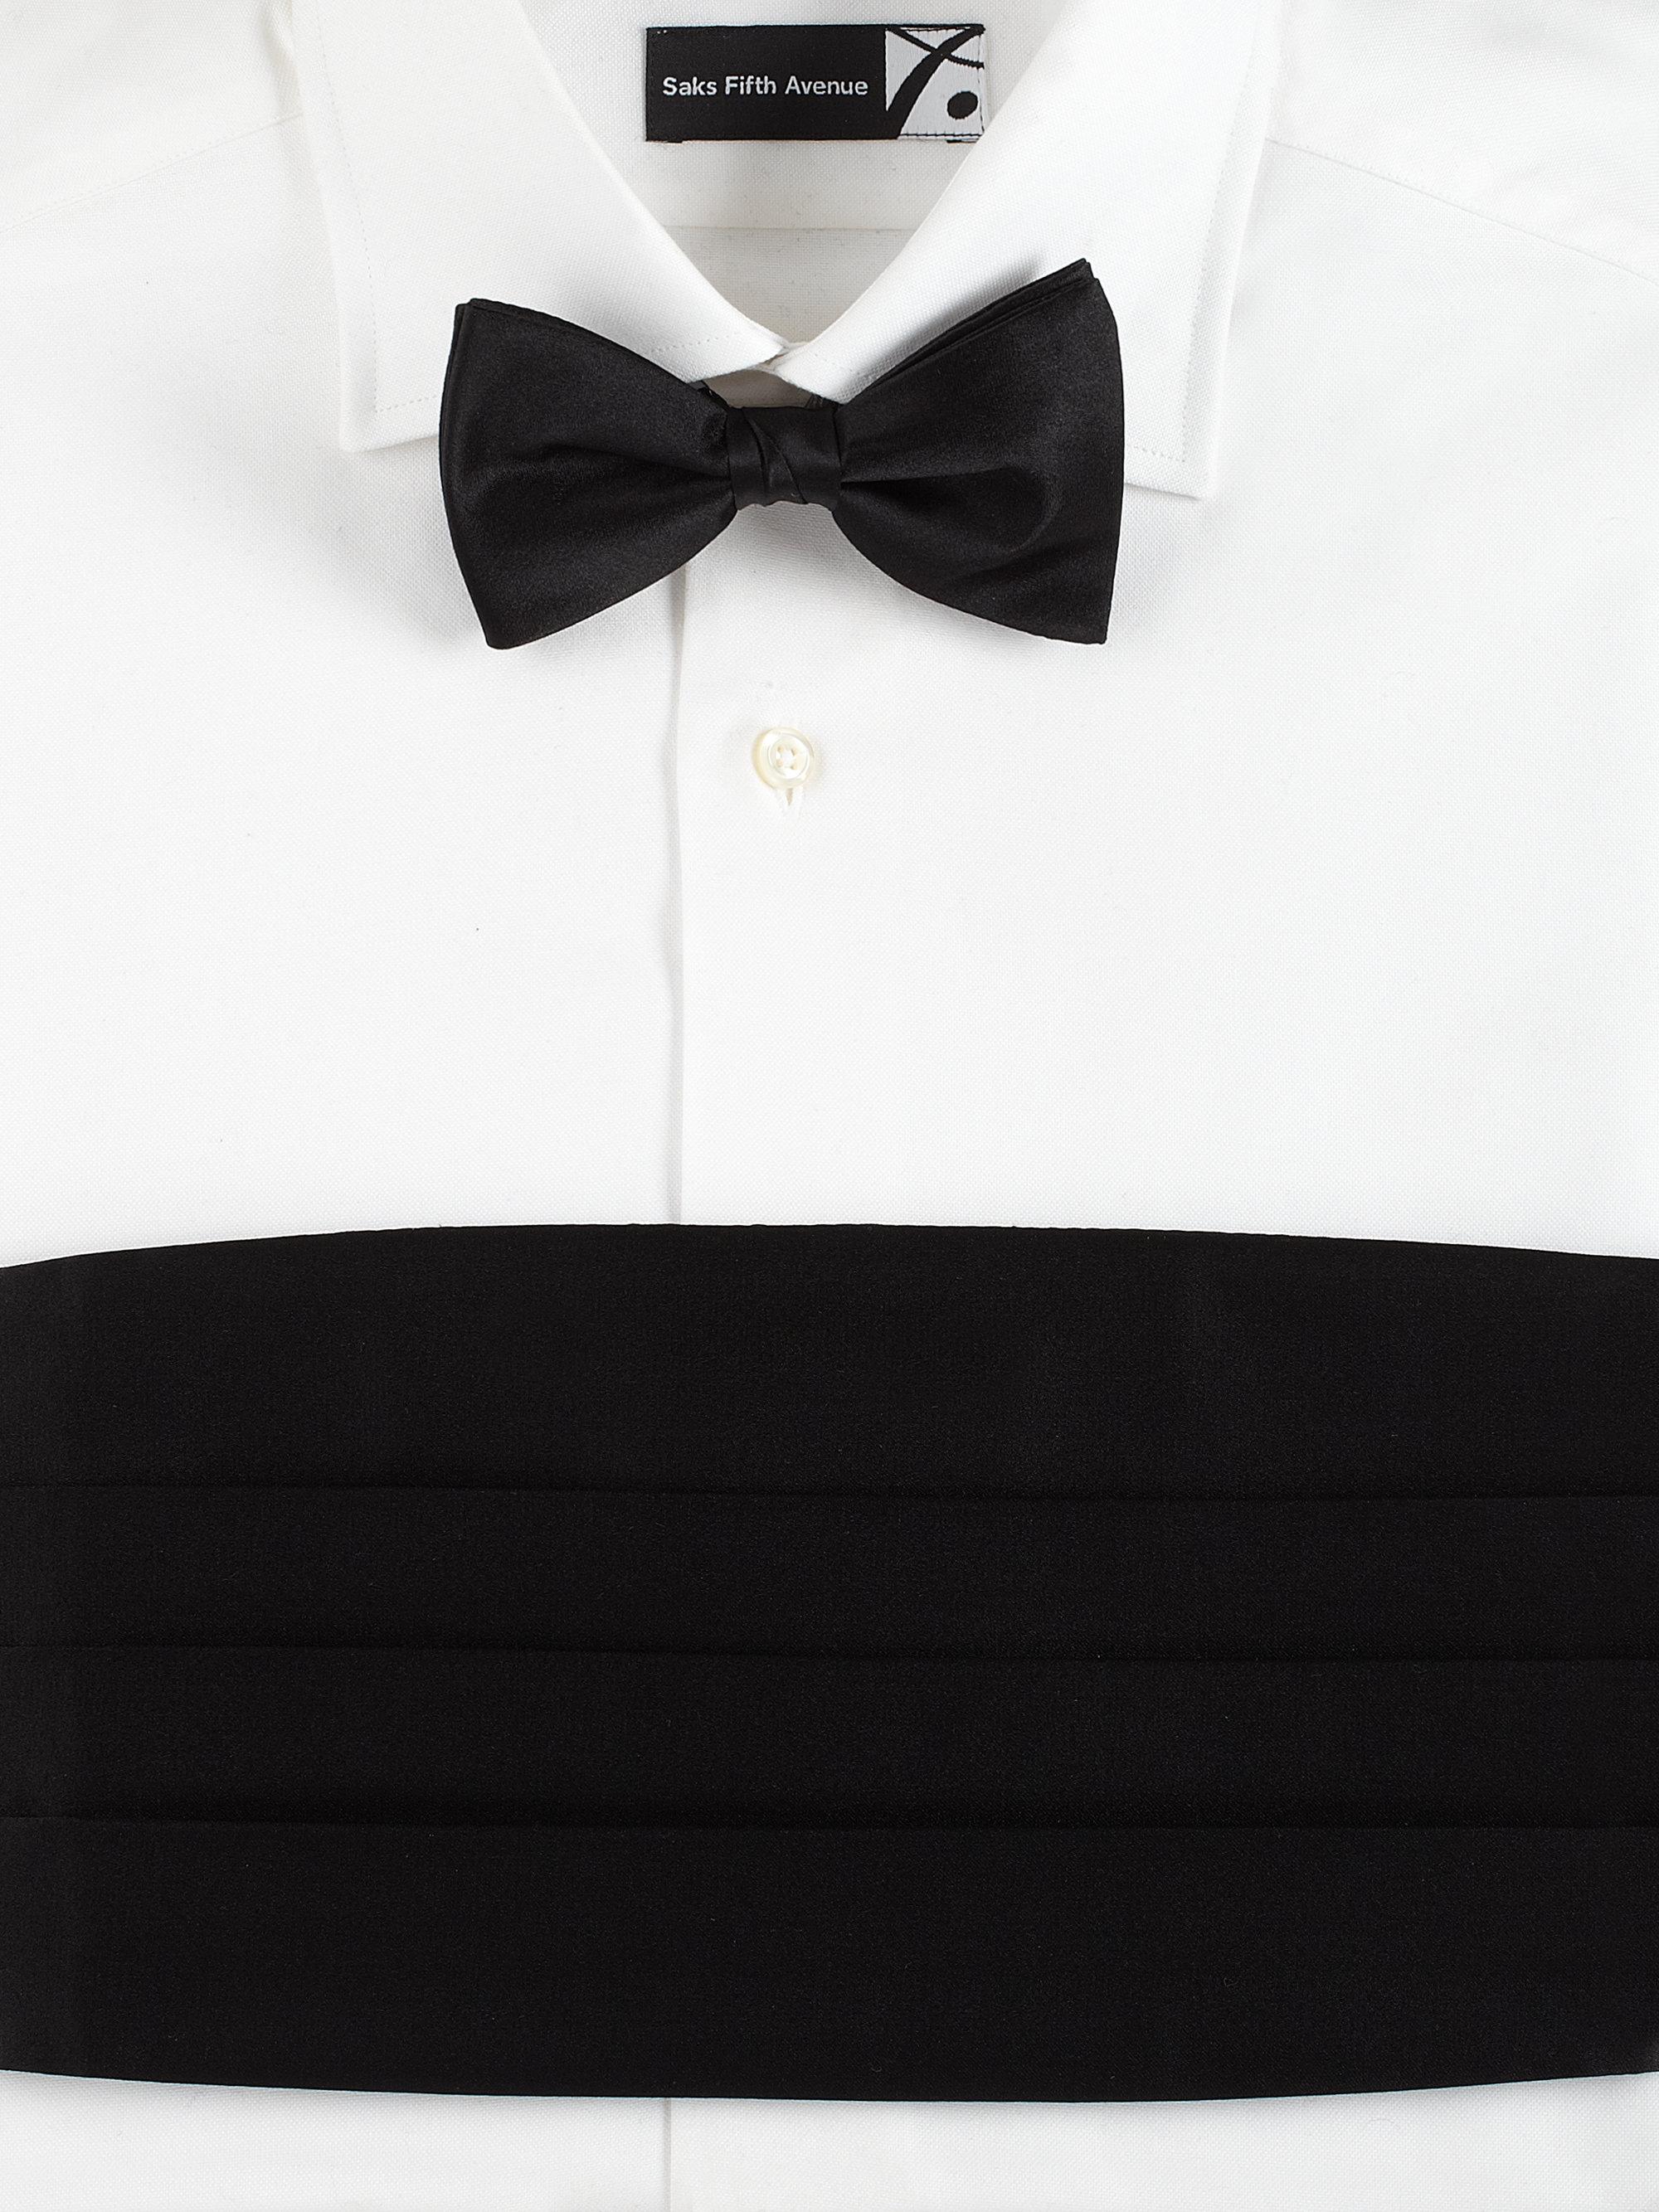 Cummerbund Career Uniform -  In Stock